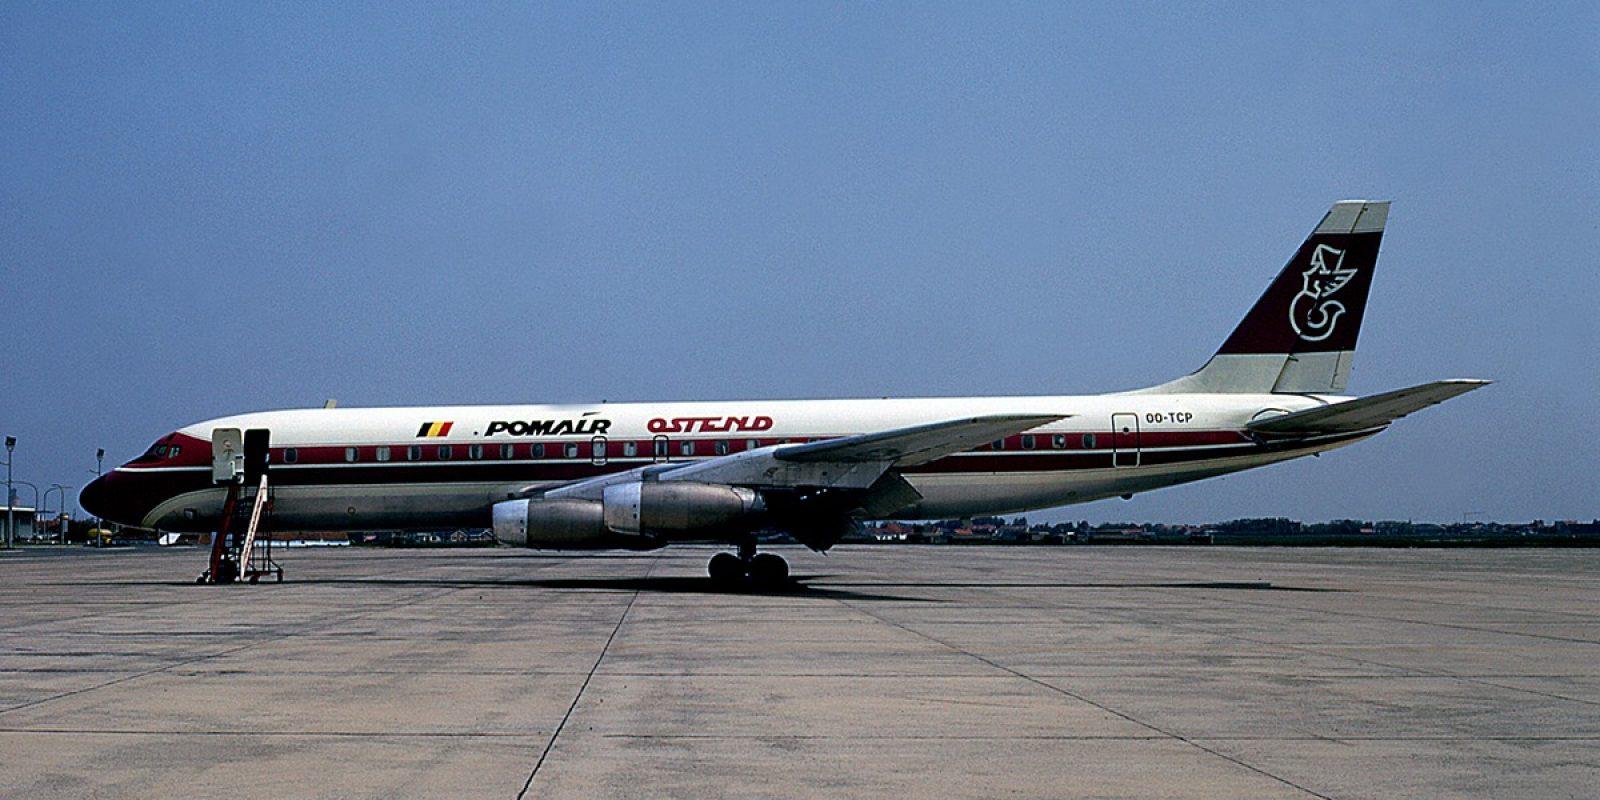 L'événement historique est l'arrivée à Ostende du premier jet intercontinental de Pomair en mai 1971. Immatriculé (en référence à Transports Charles Pommé) OO-TCP, le Douglas DC-8-33 (msn 45265) a été acquis auprès de la Pan American (ex N812PA) via la Boreas Corporation.